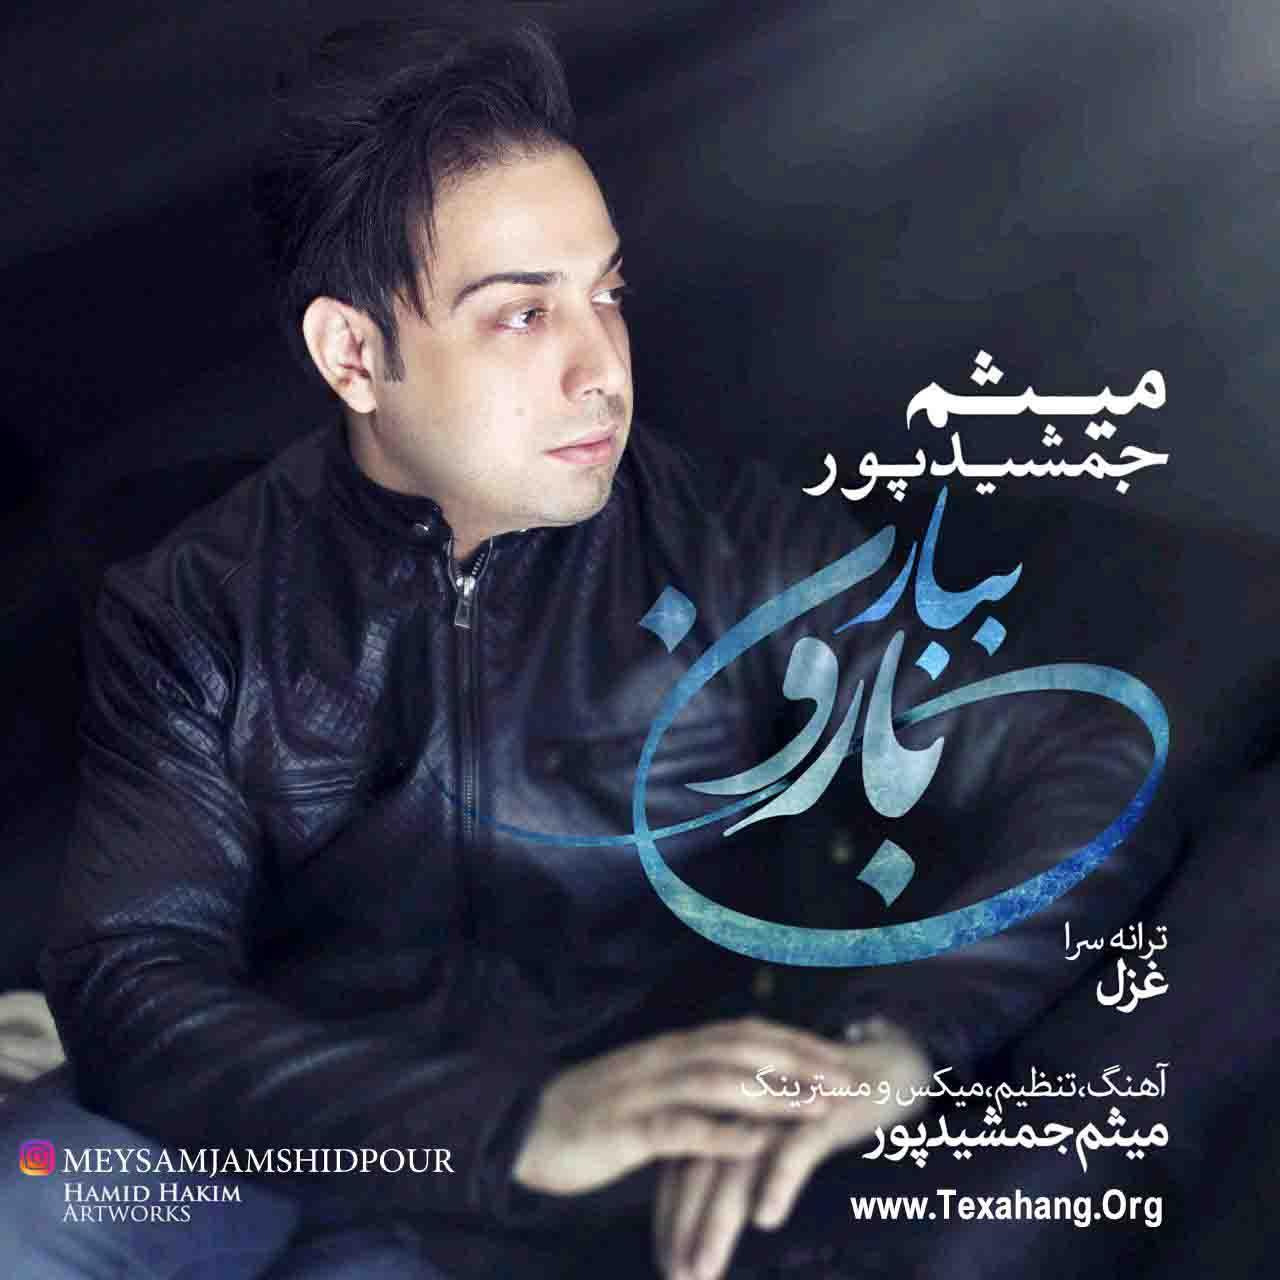 متن آهنگ جدید میثم جمشیدپور به نام ببار بارون